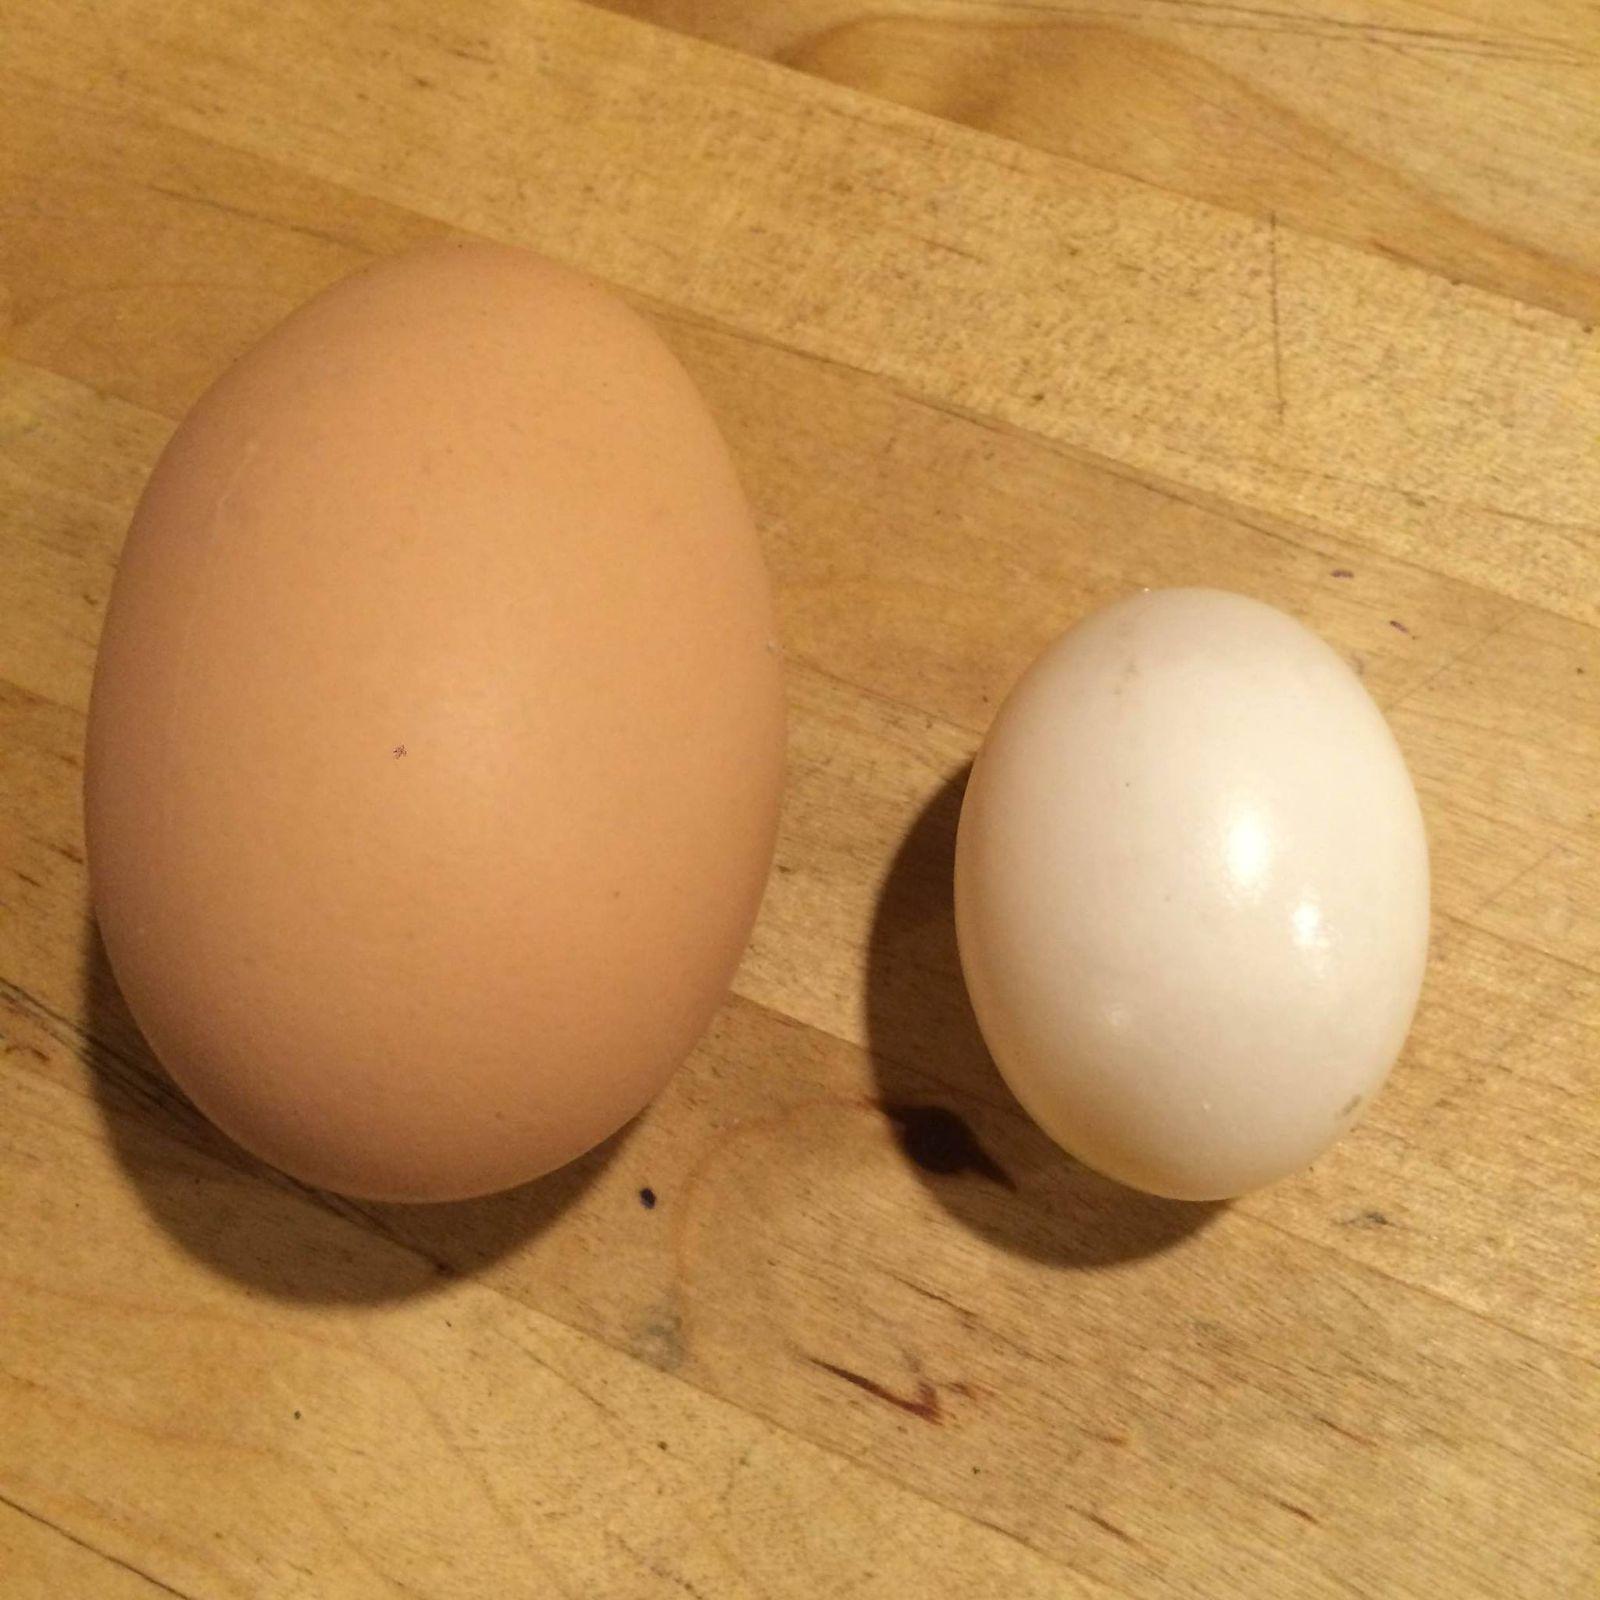 dove_egg_7_16.jpg